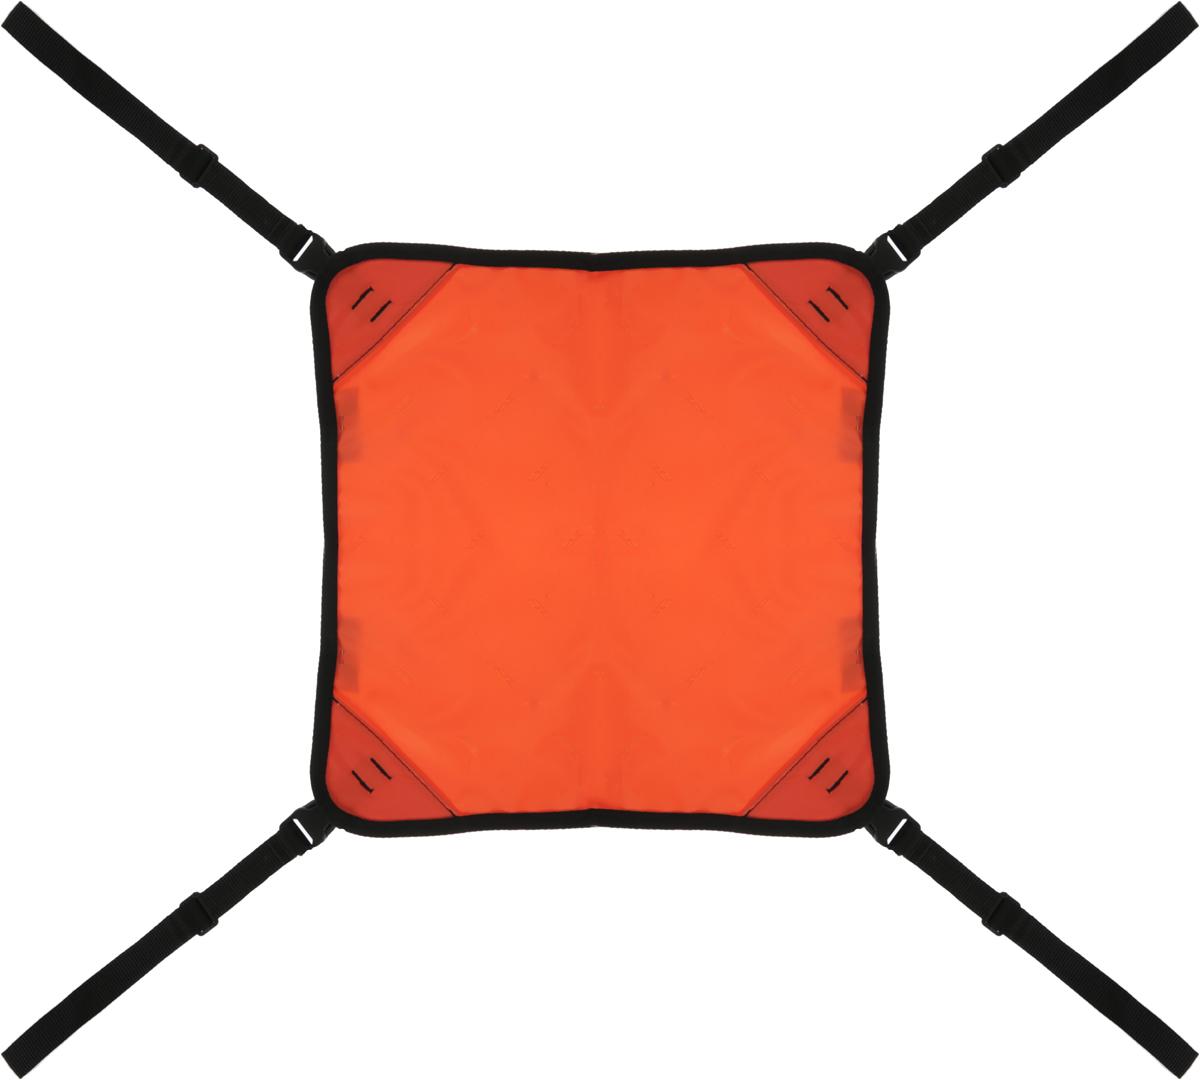 Гамак Заря-Плюс, для выставочных клеток и палаток, цвет: оранжевый, черный, 48 х 54 смГвоГамак подвесной Заря-Плюс - это необходимый аксессуар, если вы хотите рационально использовать небольшую площадь выставочной палатки и представляете на выставке несколько кошек или кошку с котятами. Гамак легко и просто крепится в любых выставочных палатках, которые собираются с помощью трубок. При необходимости вы также легко можете снять гамак. Высота регулируется.